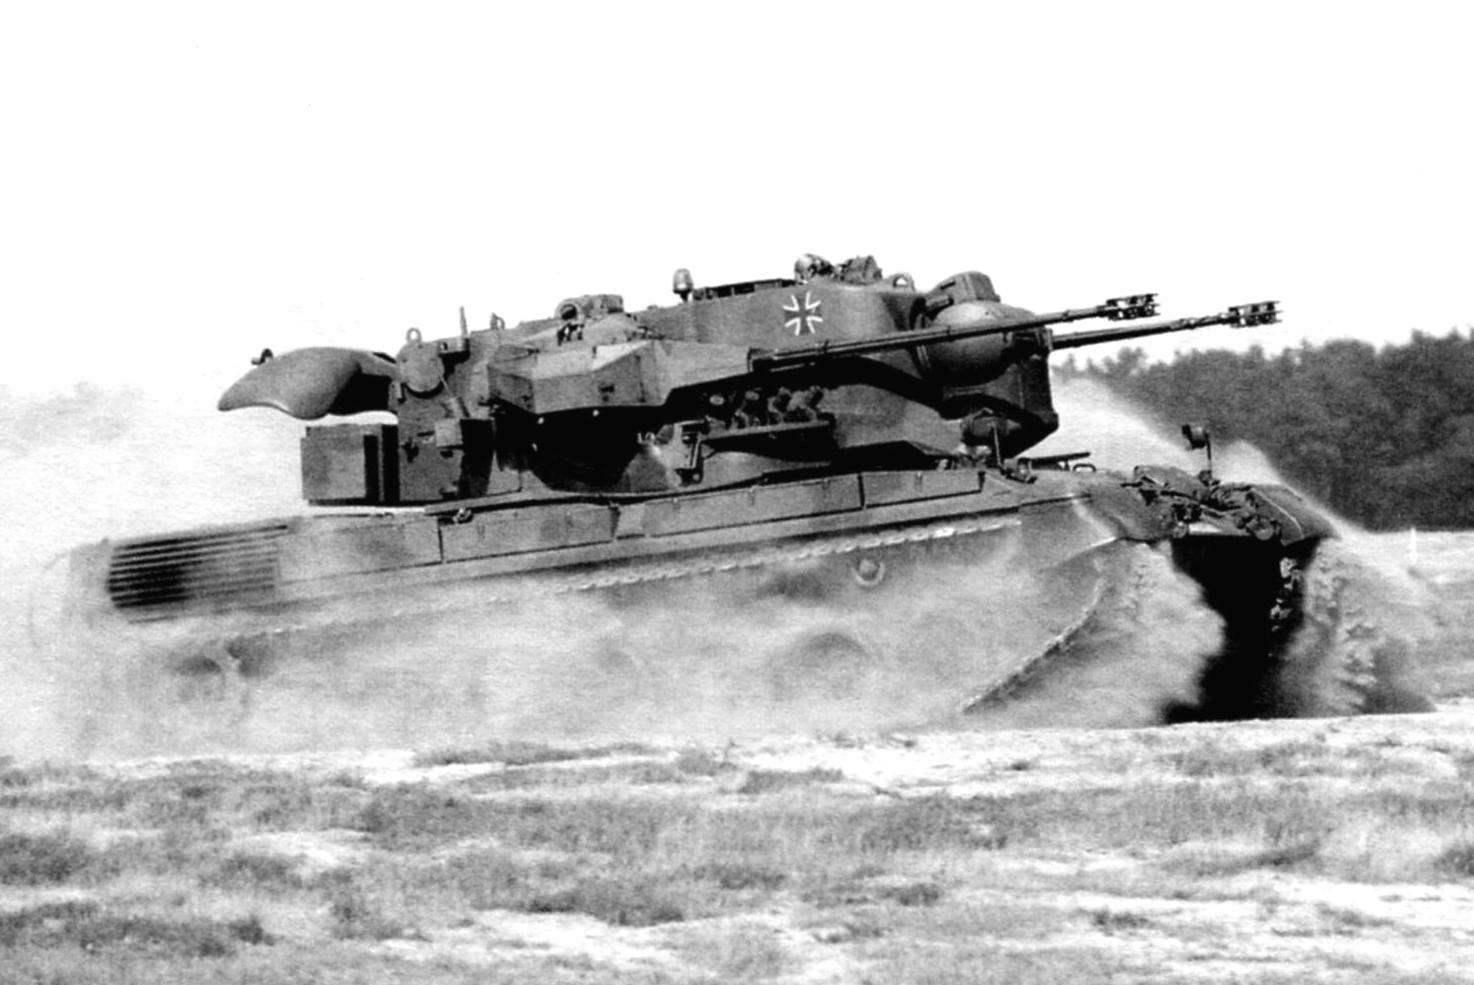 «Гепард» па маневрах занимает огневую позицию. Скорость передвижения установки на ровной местности достигает 65 км/ч